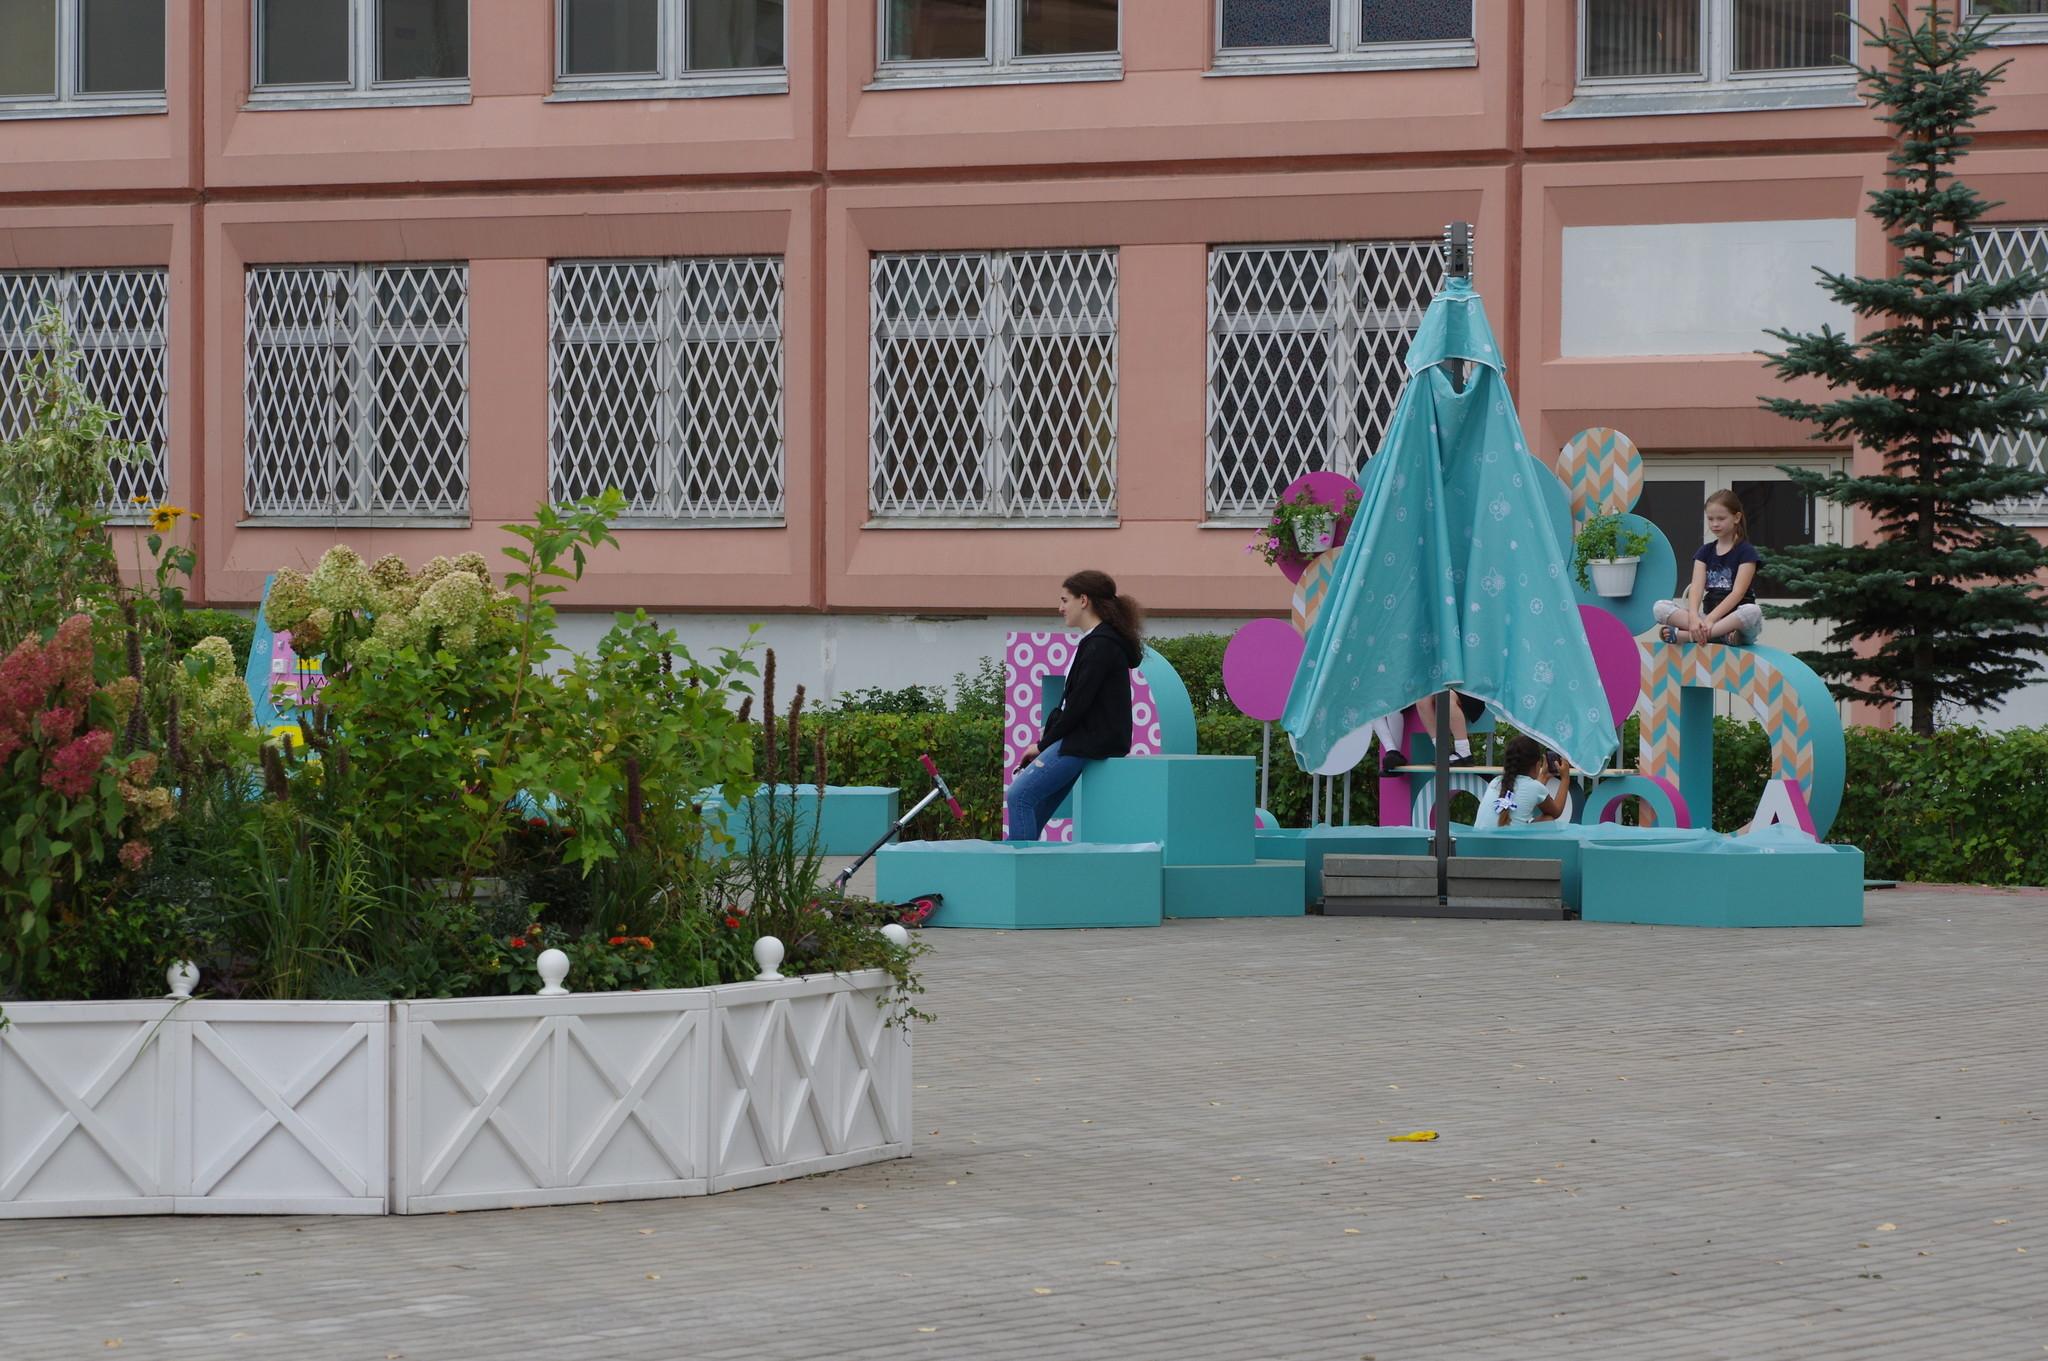 Государственное бюджетное общеобразовательное учреждение города Москвы «Школа № 709» (9-я Северная линия, дом 1, корпус 2)